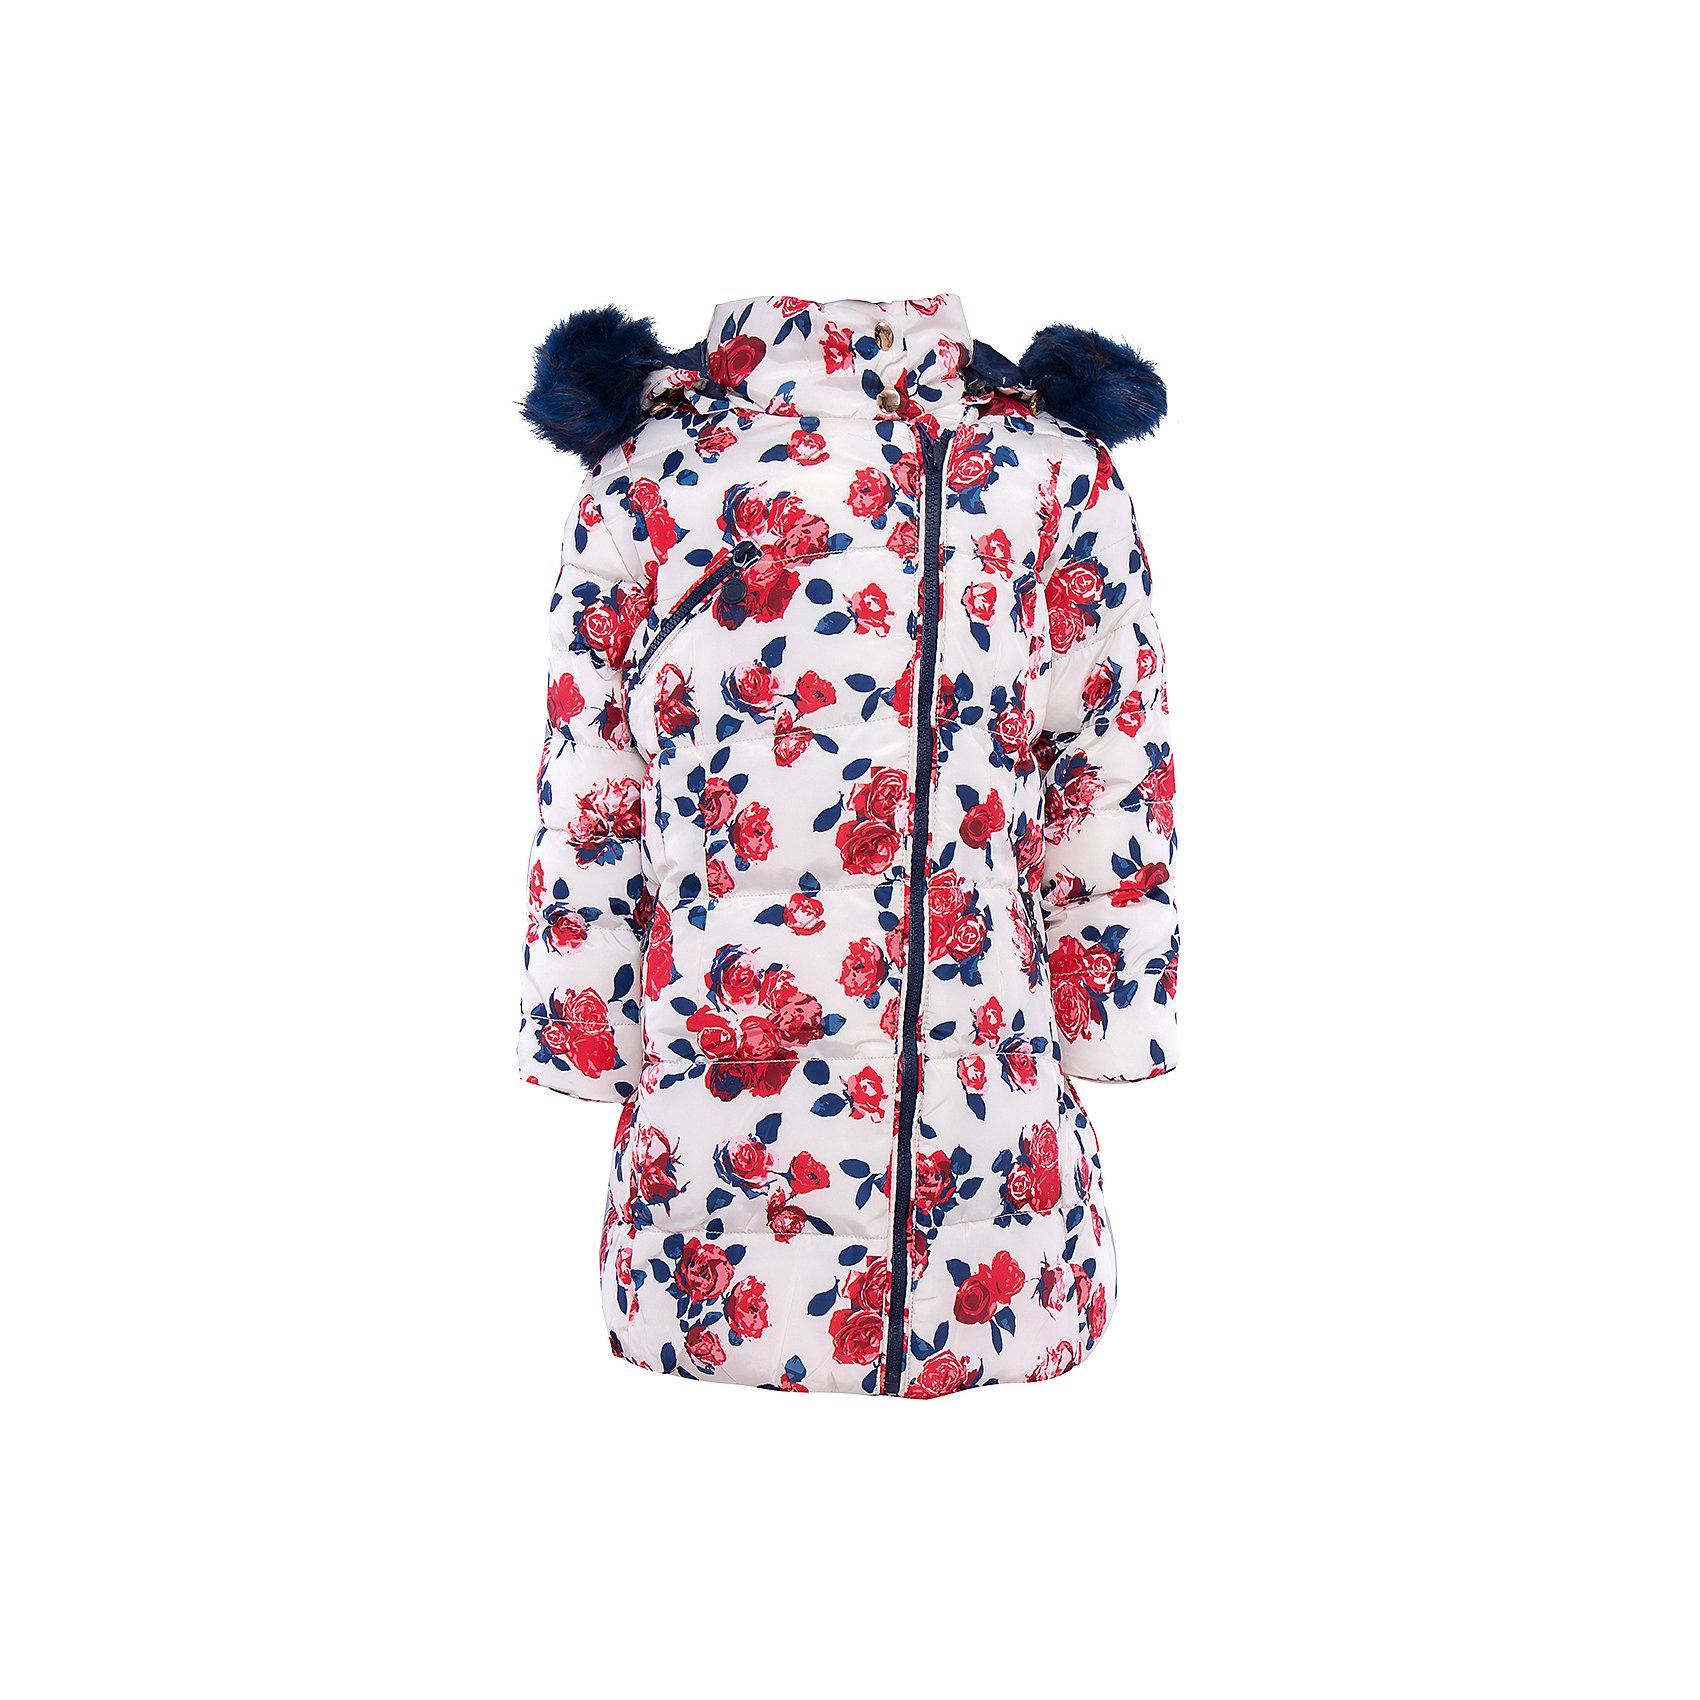 Пальто для девочки Sweet BerryТакая модель пальто для девочки отличается модным дизайном. <br><br>Температурный режим: до -5 градусов. Степень утепления – низкая. <br><br>* Температурный режим указан приблизительно — необходимо, прежде всего, ориентироваться на ощущения ребенка. Температурный режим работает в случае соблюдения правила многослойности – использования флисовой поддевы и термобелья.<br><br>Удачный крой обеспечит ребенку комфорт и тепло. Флисовая подкладка делает вещь идеальной для прохладной погоды. Она плотно прилегает к телу там, где нужно, и отлично сидит по фигуре. Декорирована модель опушкой на капюшоне и цветочным принтом.<br>Одежда от бренда Sweet Berry - это простой и выгодный способ одеть ребенка удобно и стильно. Всё изделия тщательно проработаны: швы - прочные, материал - качественный, фурнитура - подобранная специально для детей. <br><br>Дополнительная информация:<br><br>цвет: бежевый;<br>капюшон с опушкой;<br>материал: верх, подкладка, наполнитель - 100% полиэстер;<br>застежка: молния;<br>принт.<br><br>Пальто для девочки от бренда Sweet Berry можно купить в нашем интернет-магазине.<br><br>Ширина мм: 356<br>Глубина мм: 10<br>Высота мм: 245<br>Вес г: 519<br>Цвет: бежевый<br>Возраст от месяцев: 24<br>Возраст до месяцев: 36<br>Пол: Женский<br>Возраст: Детский<br>Размер: 104,110,116,122,98,128<br>SKU: 4932103